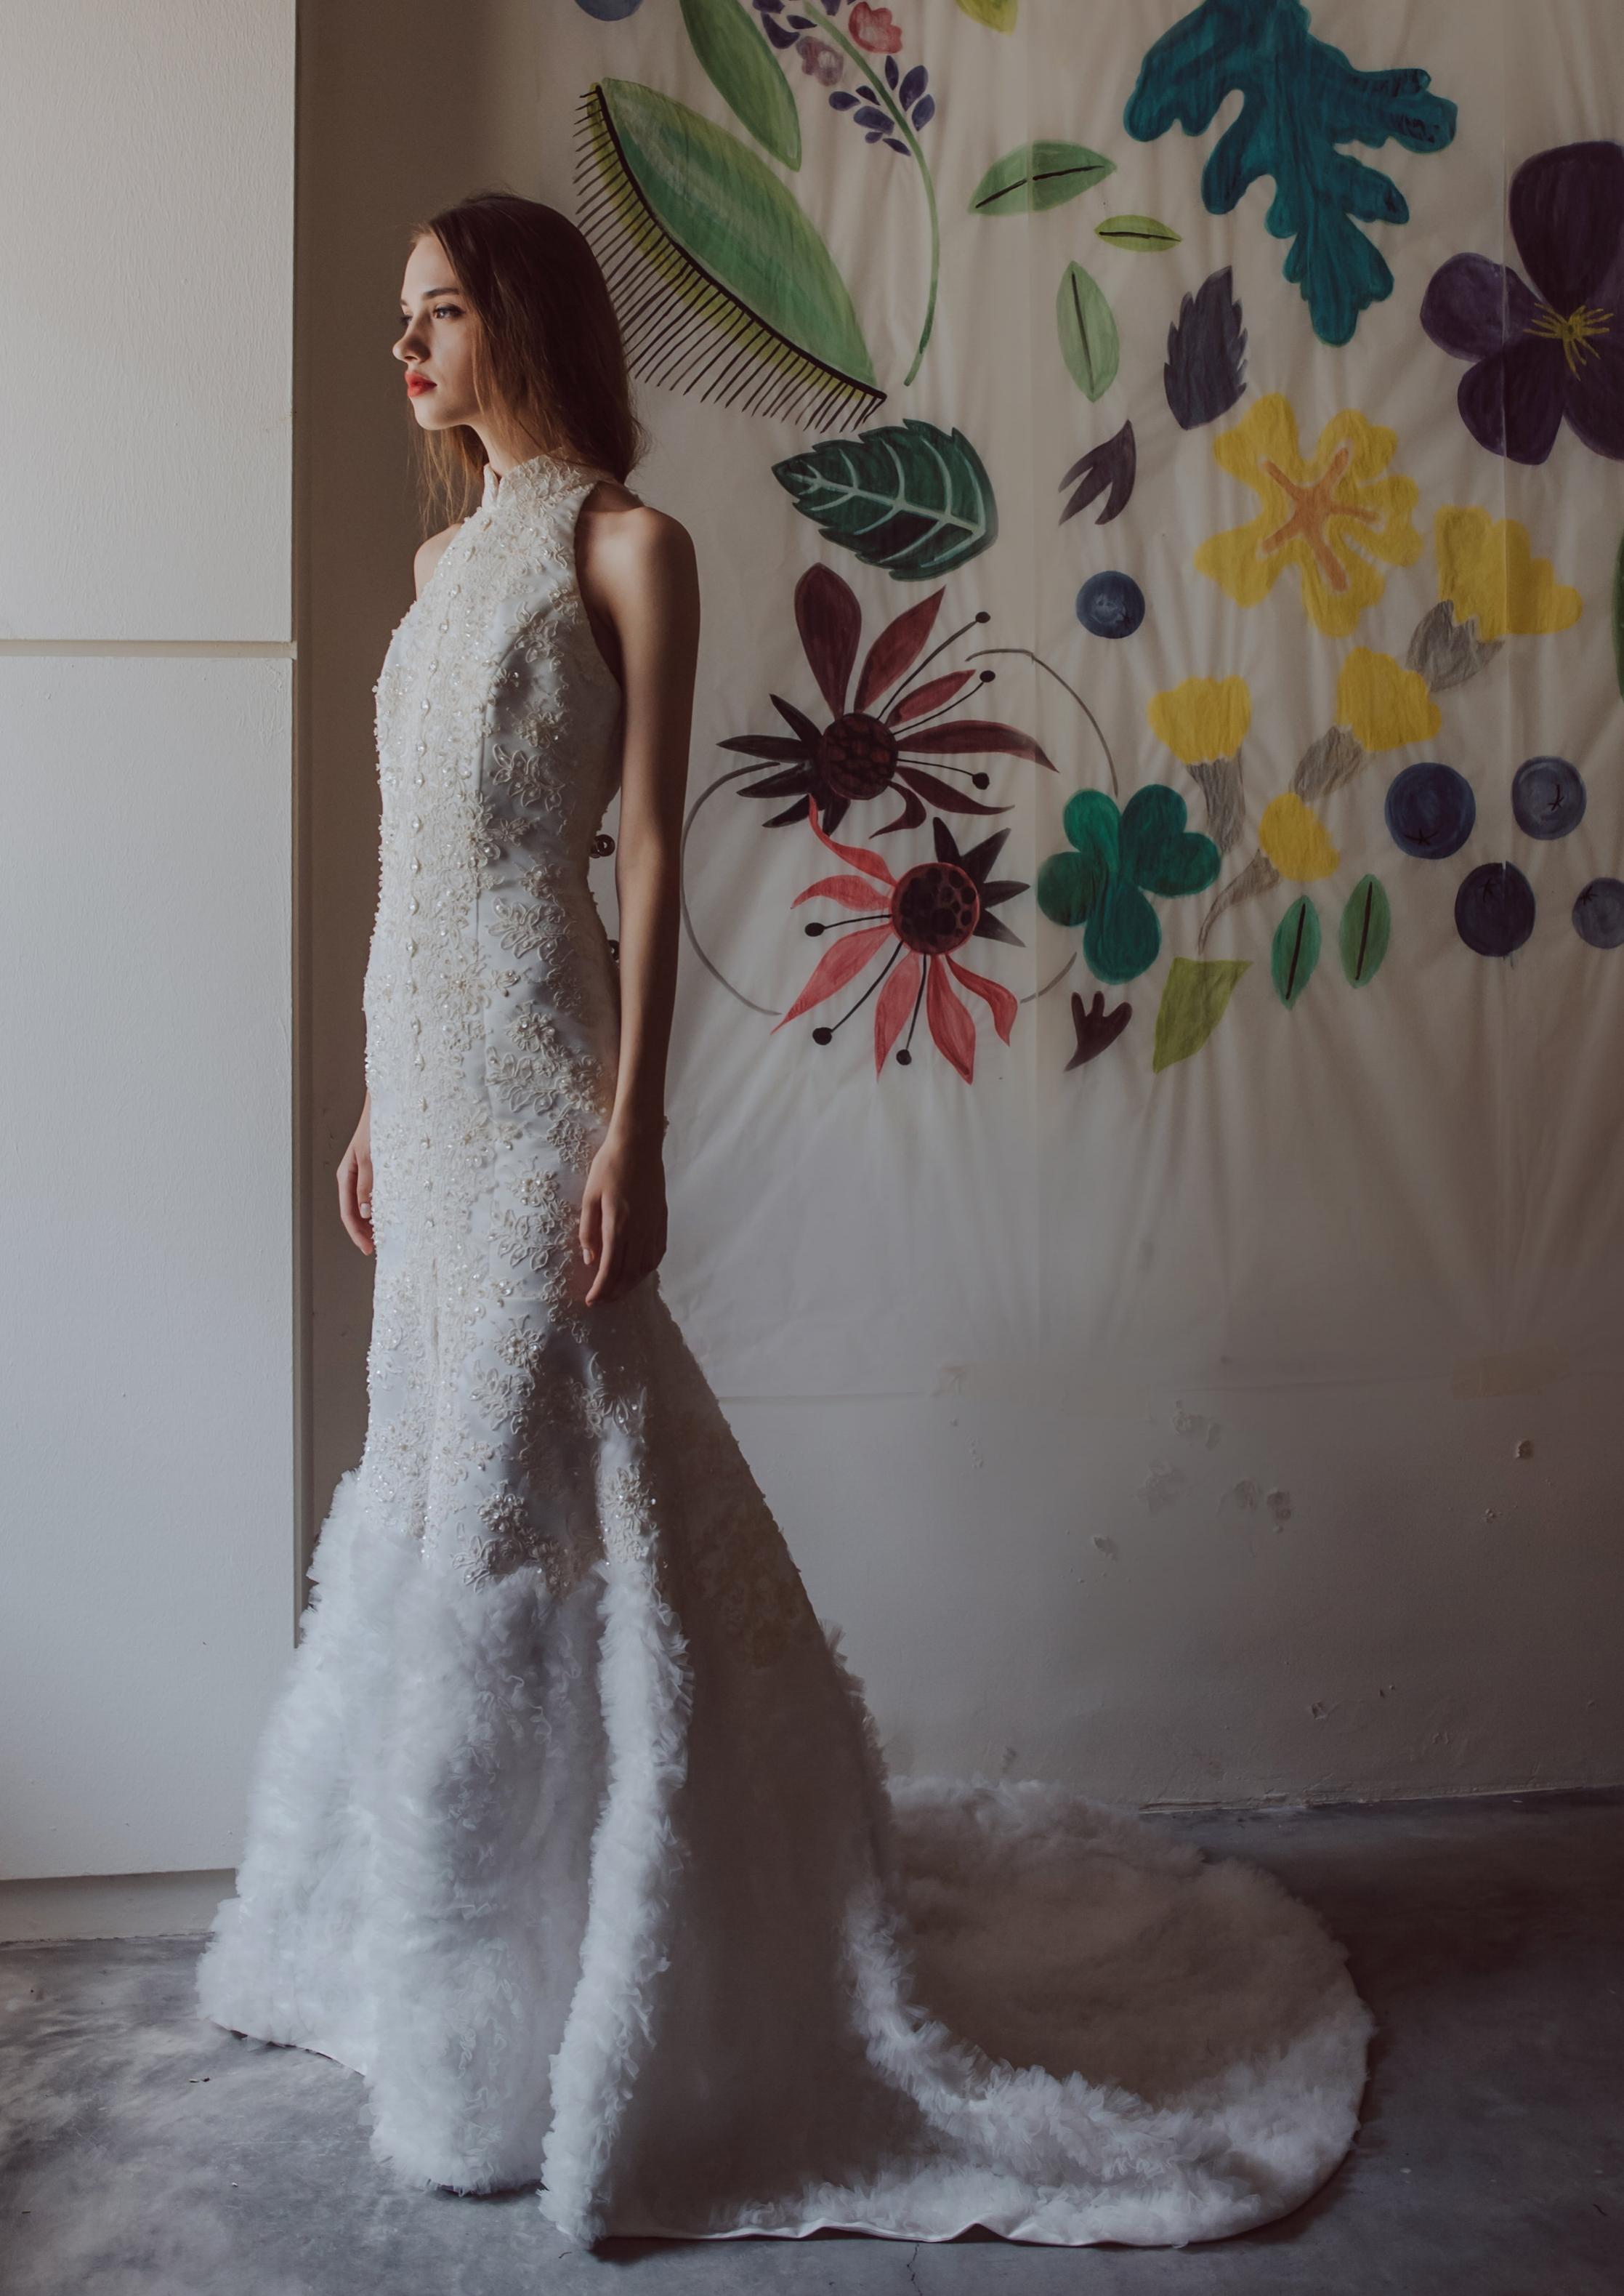 Dress4_001.jpg